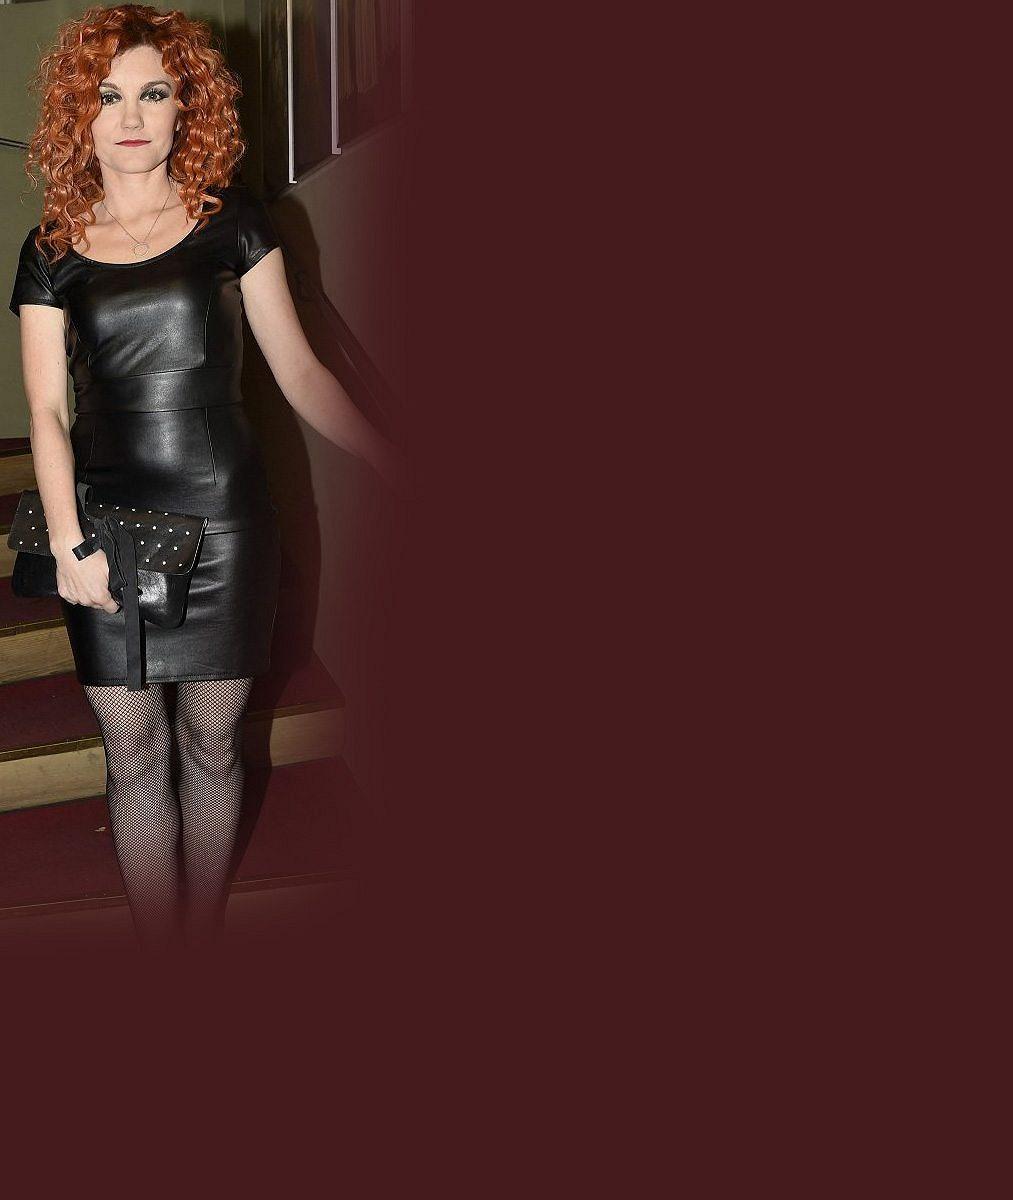 Sekla s muzikály, ale na složenky pořád má: Známá zpěvačka si nebrala servítky, když hodnotila současná představení